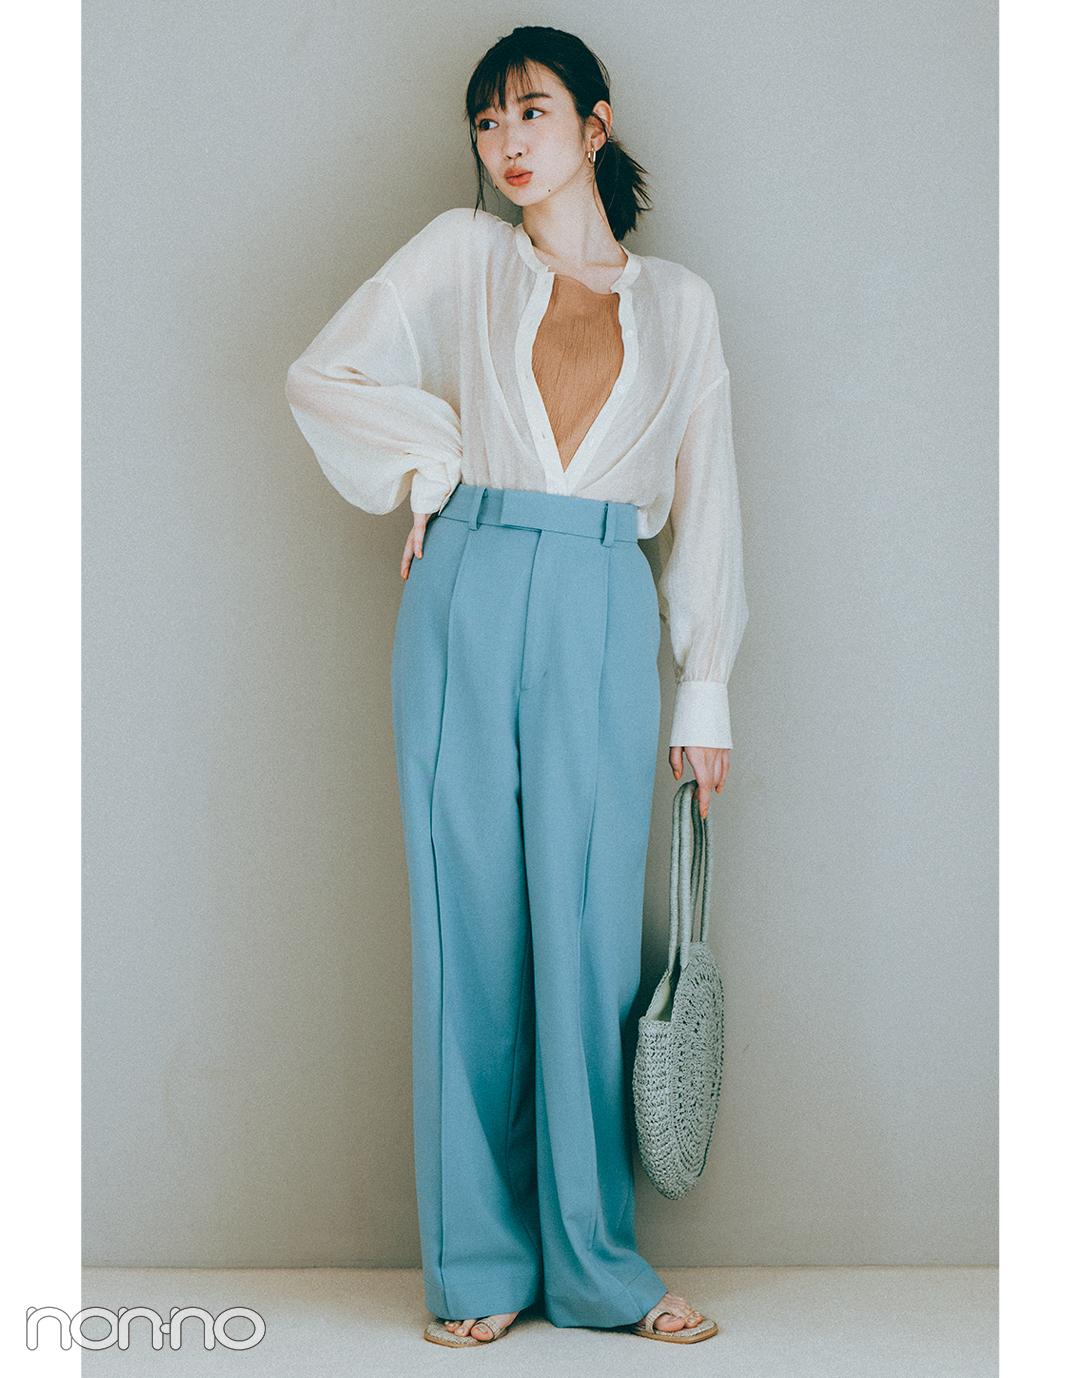 『岡本夏美』の『ブルーのカラーパンツ』モデルカット3-1